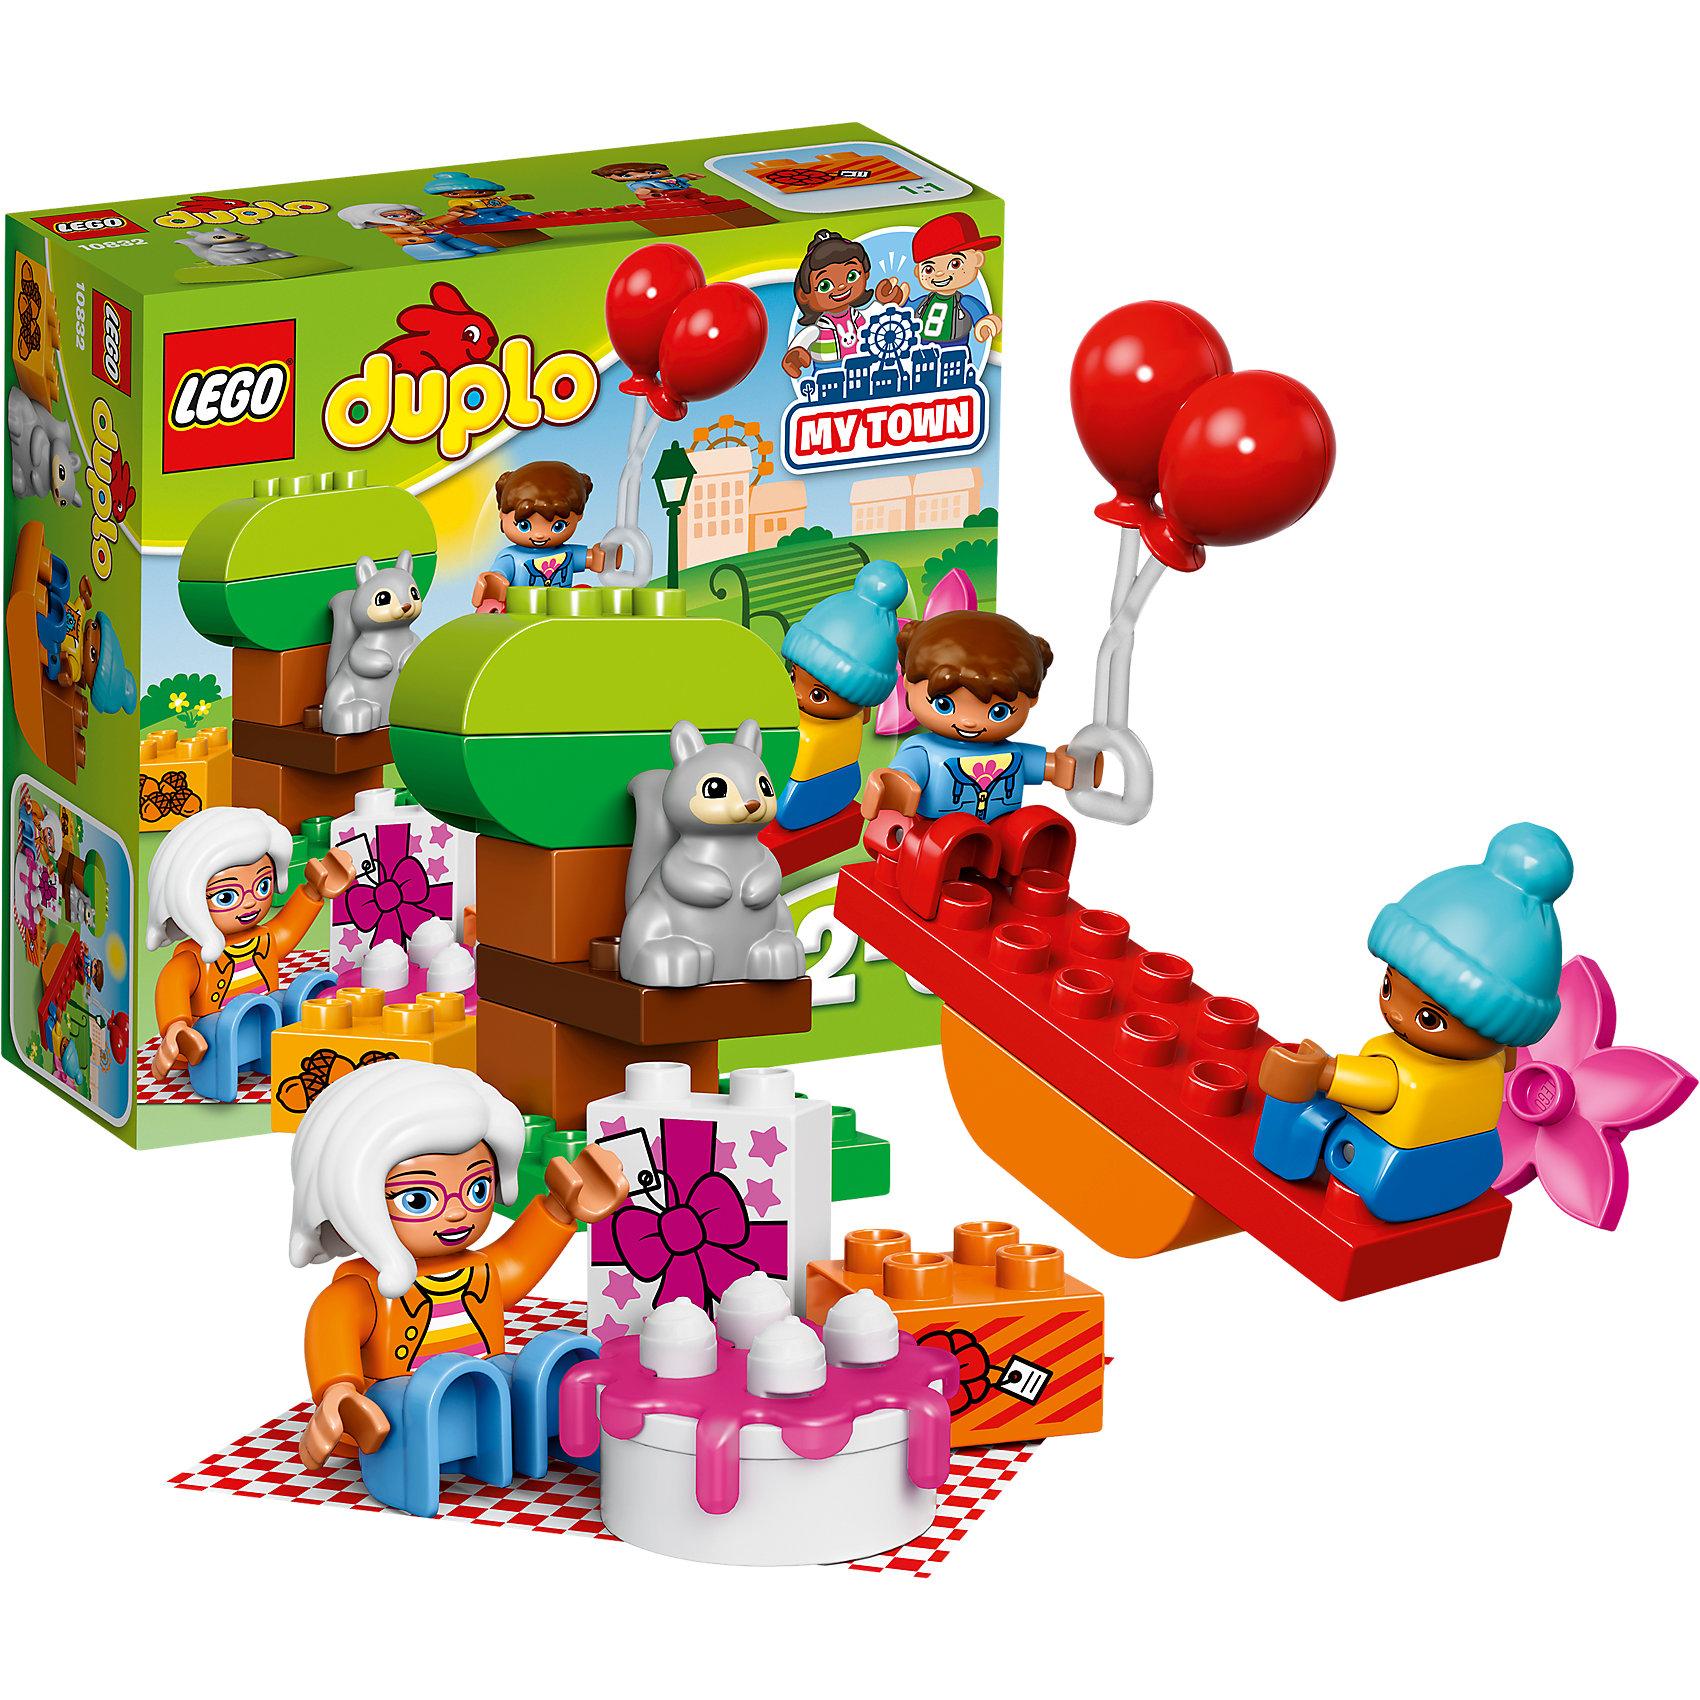 LEGO DUPLO 10832: День рожденияПластмассовые конструкторы<br>LEGO DUPLO 10832: День рождения<br><br>Характеристики:<br><br>- в набор входит: детали, 3 фигурки людей, фигурка белки, аксессуары, инструкция<br>- состав: пластик<br>- количество деталей: 19<br>- для детей в возрасте: от 2 до 5 лет<br>- Страна производитель: Дания/Китай/Чехия/<br><br>Легендарный конструктор LEGO (ЛЕГО) представляет серию «DUPLO» (Д?пло) для самых маленьких. Крупные детали безопасны для малышей, а интересная тематика, возможность фантазировать, собирать из конструктора свои фигуры и играть в него приведут кроху в восторг! В этом наборе бабушка устраивает день рождение своих внуков на пикнике в парке. Каждая фигурка отлично детализирована, в комплекте фигурки бабушки, девочки и мальчика. Расстелив клетчатое покрывало из комплекта бабушка достала сладкий торт и, конечно же, подарки. На раскидистом дубе сидит серенькая белочка, а под нам лежит горка желудей. Дети любят отдыхать с бабушкой в парке, а также кататься на качелях. Играя с этим конструктором дети смогут моделировать ситуации, фантазировать, развивать моторику ручек и создавать новые фигуры. <br><br>Конструктор LEGO DUPLO 10832: День рождения можно купить в нашем интернет-магазине.<br><br>Ширина мм: 191<br>Глубина мм: 205<br>Высота мм: 78<br>Вес г: 281<br>Возраст от месяцев: 24<br>Возраст до месяцев: 60<br>Пол: Унисекс<br>Возраст: Детский<br>SKU: 5002516